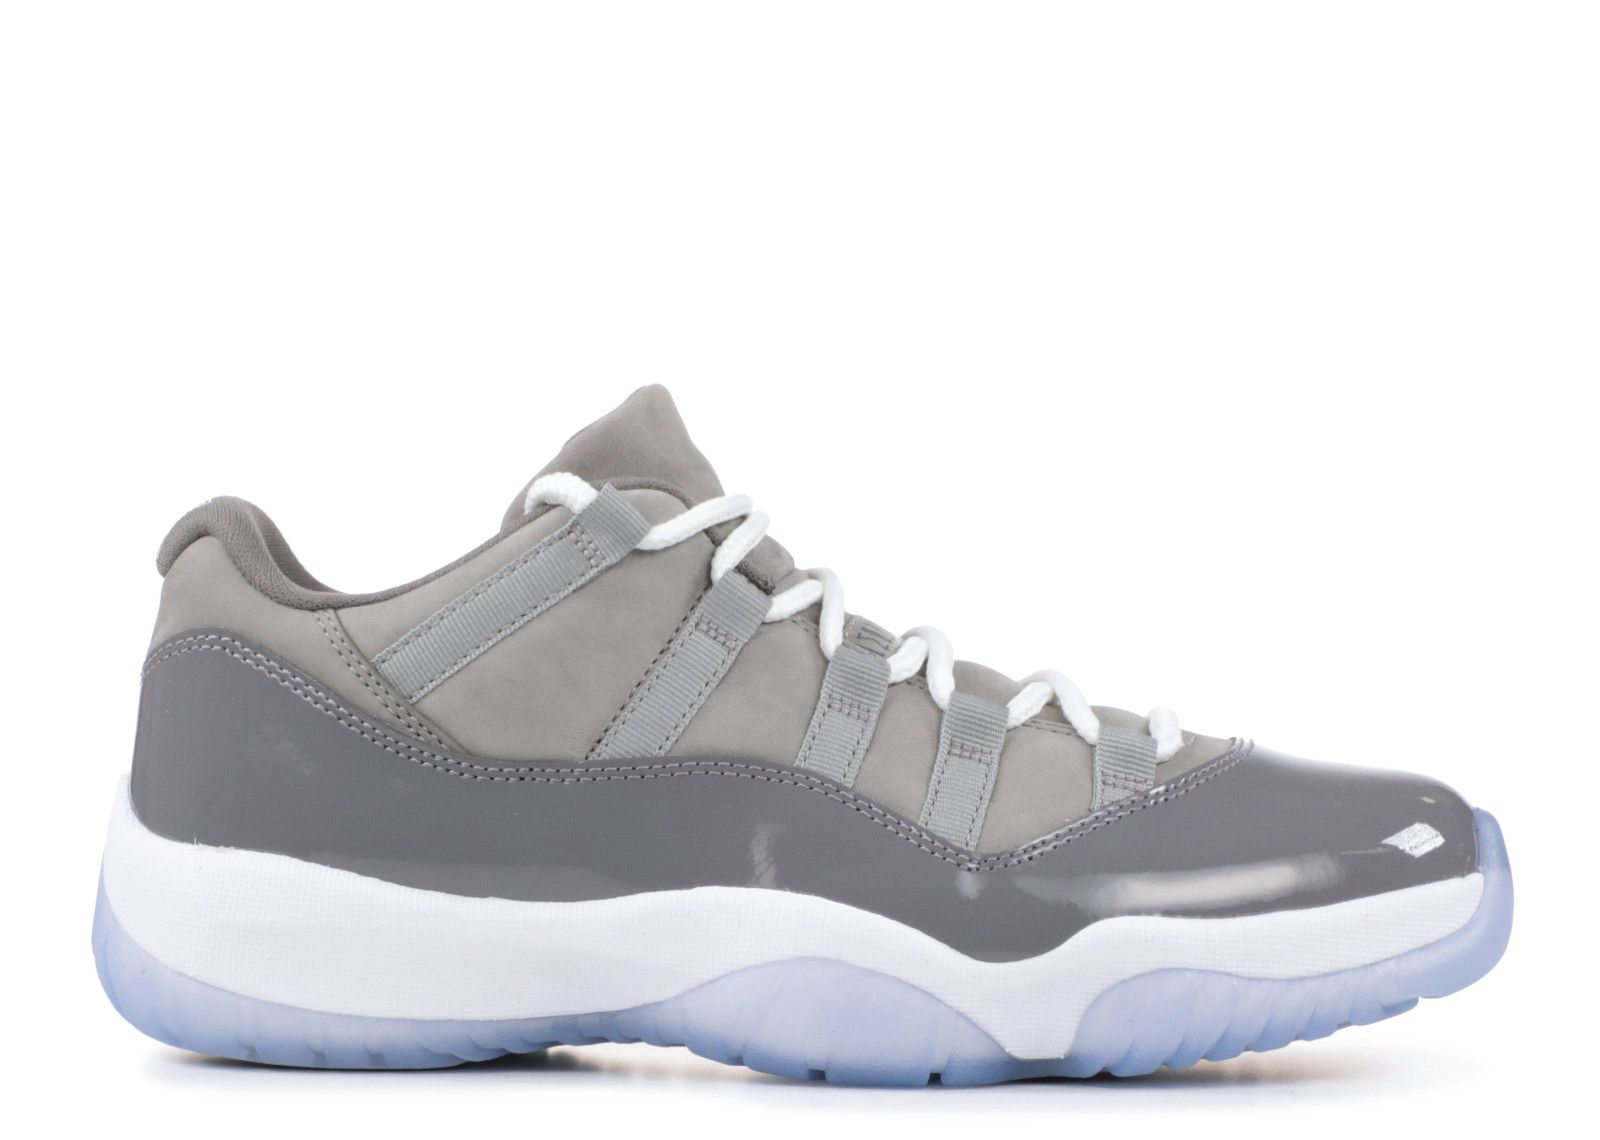 Jordan Retro 11 Low (Cool Grey)   Air